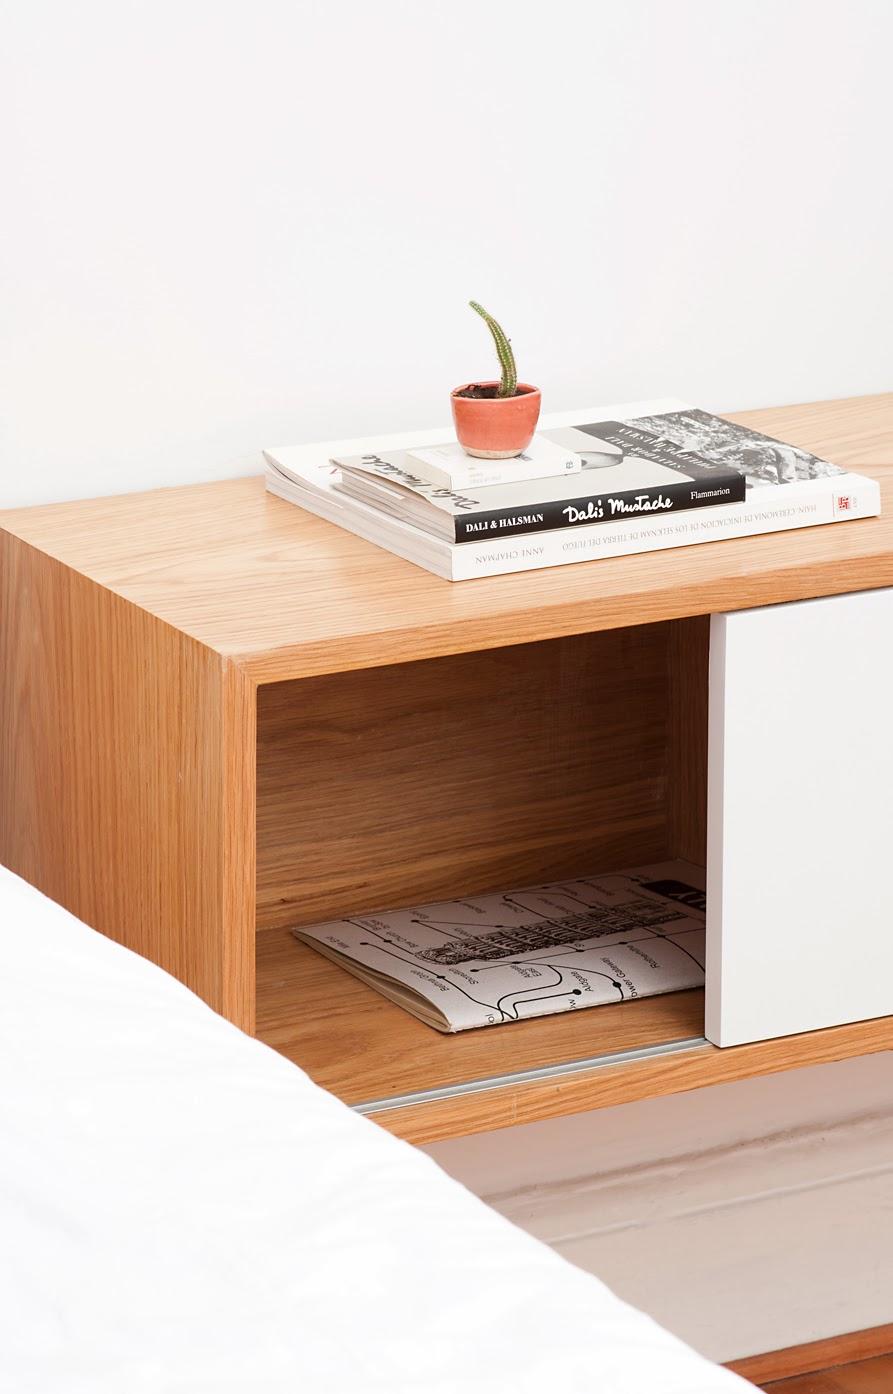 Kasa nuevos muebles kasadesign en obra de arquitectua y for Kasa diseno interior